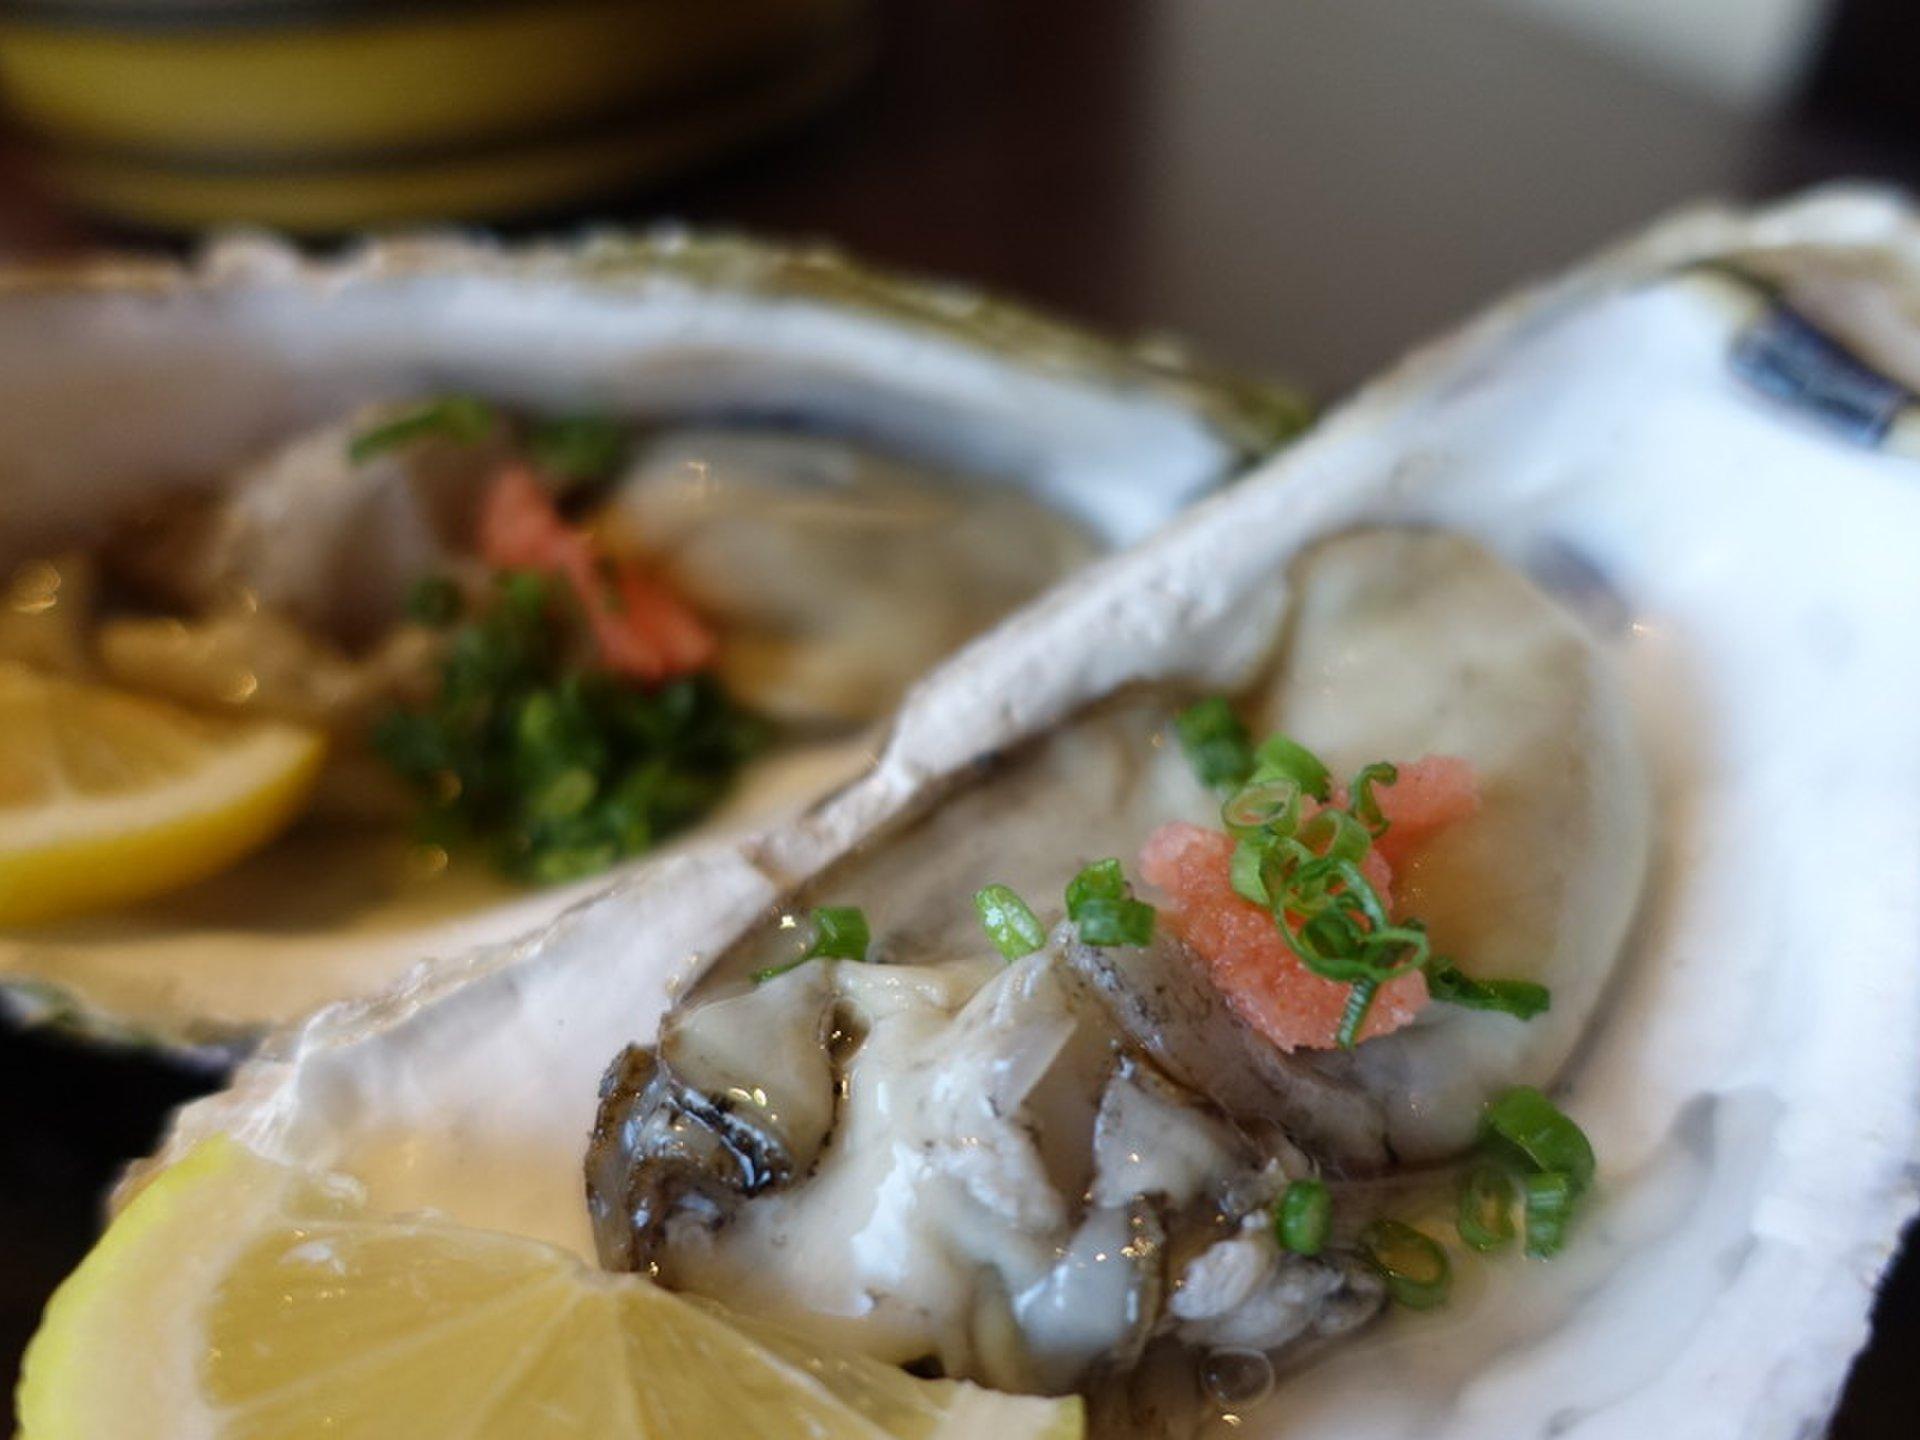 上野駅周辺で仕事後にふらっとグルメしない?おいしい海鮮とお寿司・バーへまわる初心者にもおすすめプラン